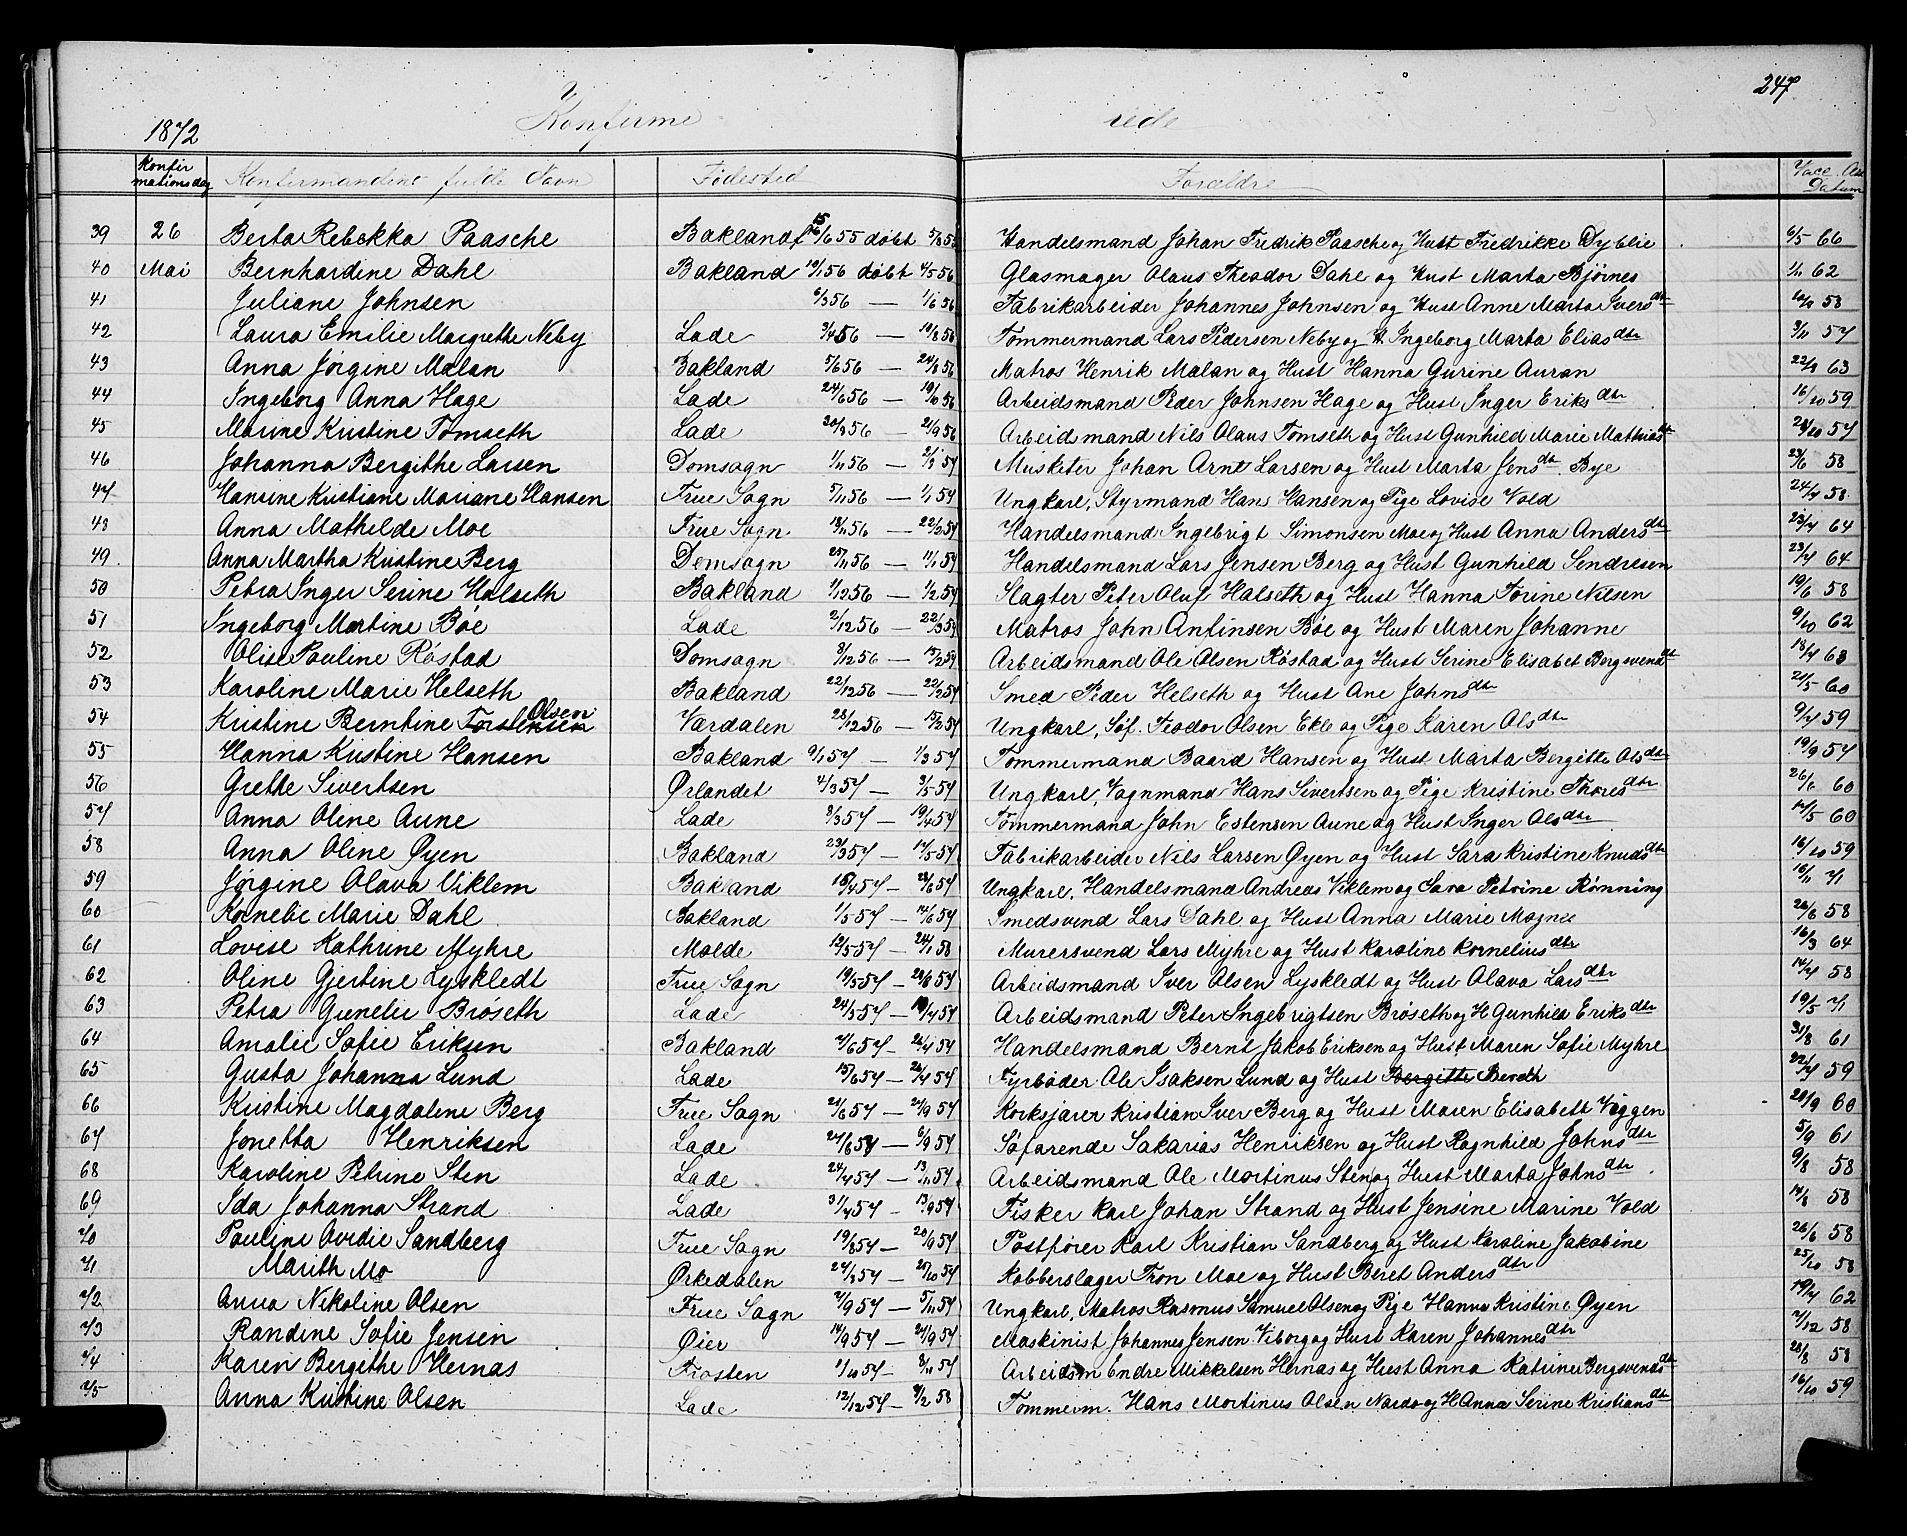 SAT, Ministerialprotokoller, klokkerbøker og fødselsregistre - Sør-Trøndelag, 604/L0220: Klokkerbok nr. 604C03, 1870-1885, s. 247